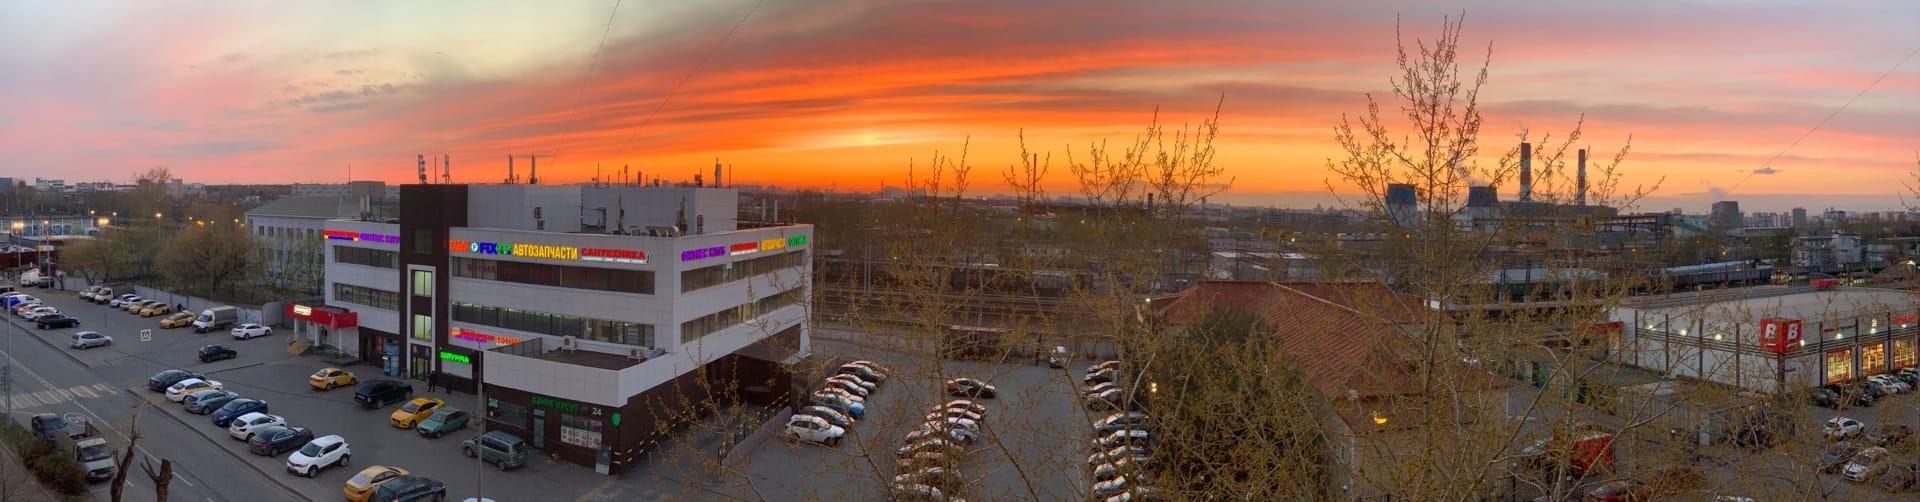 Закат от Алёны3